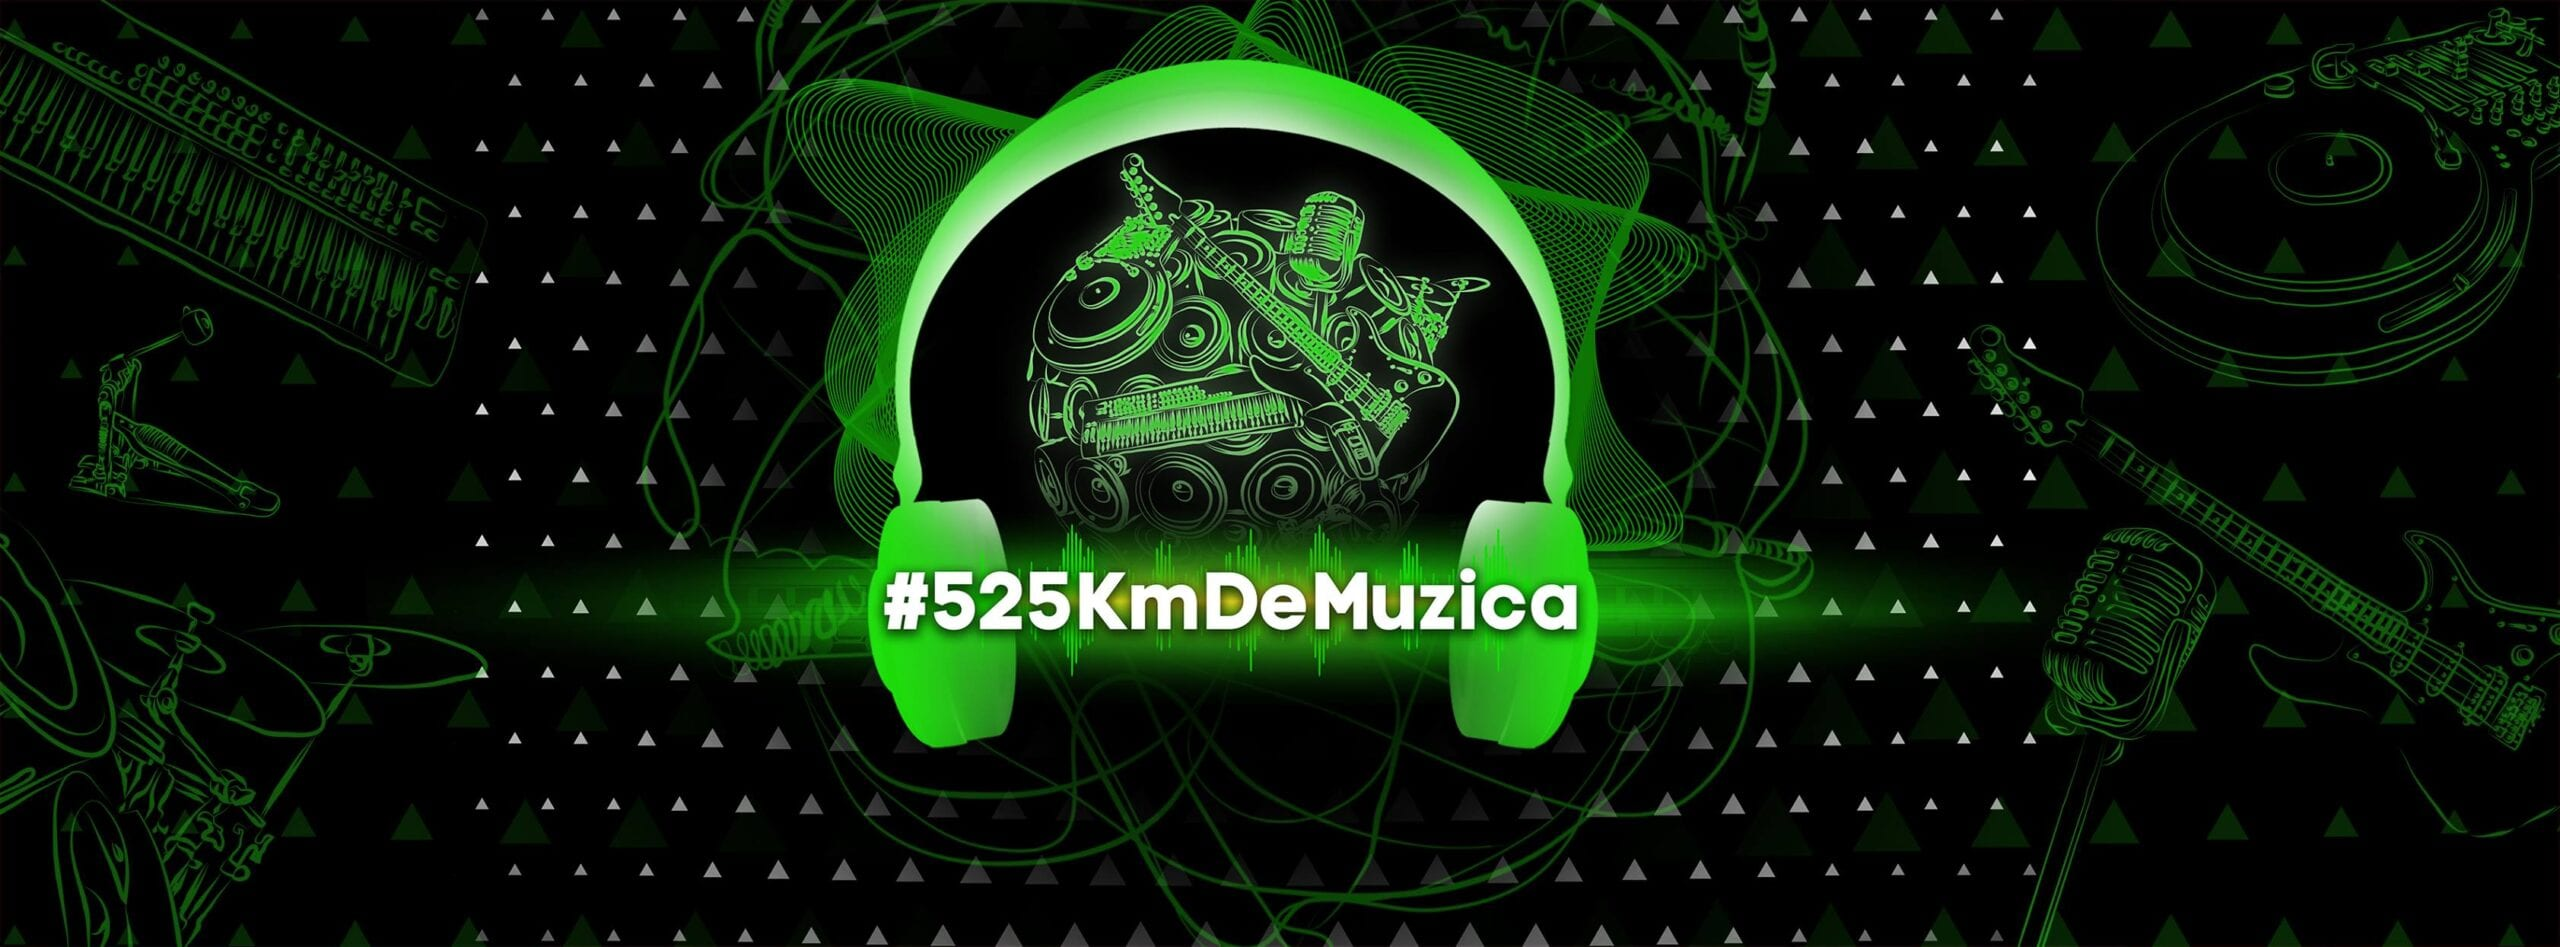 #525KmDeMuzica, în Gara de Nord